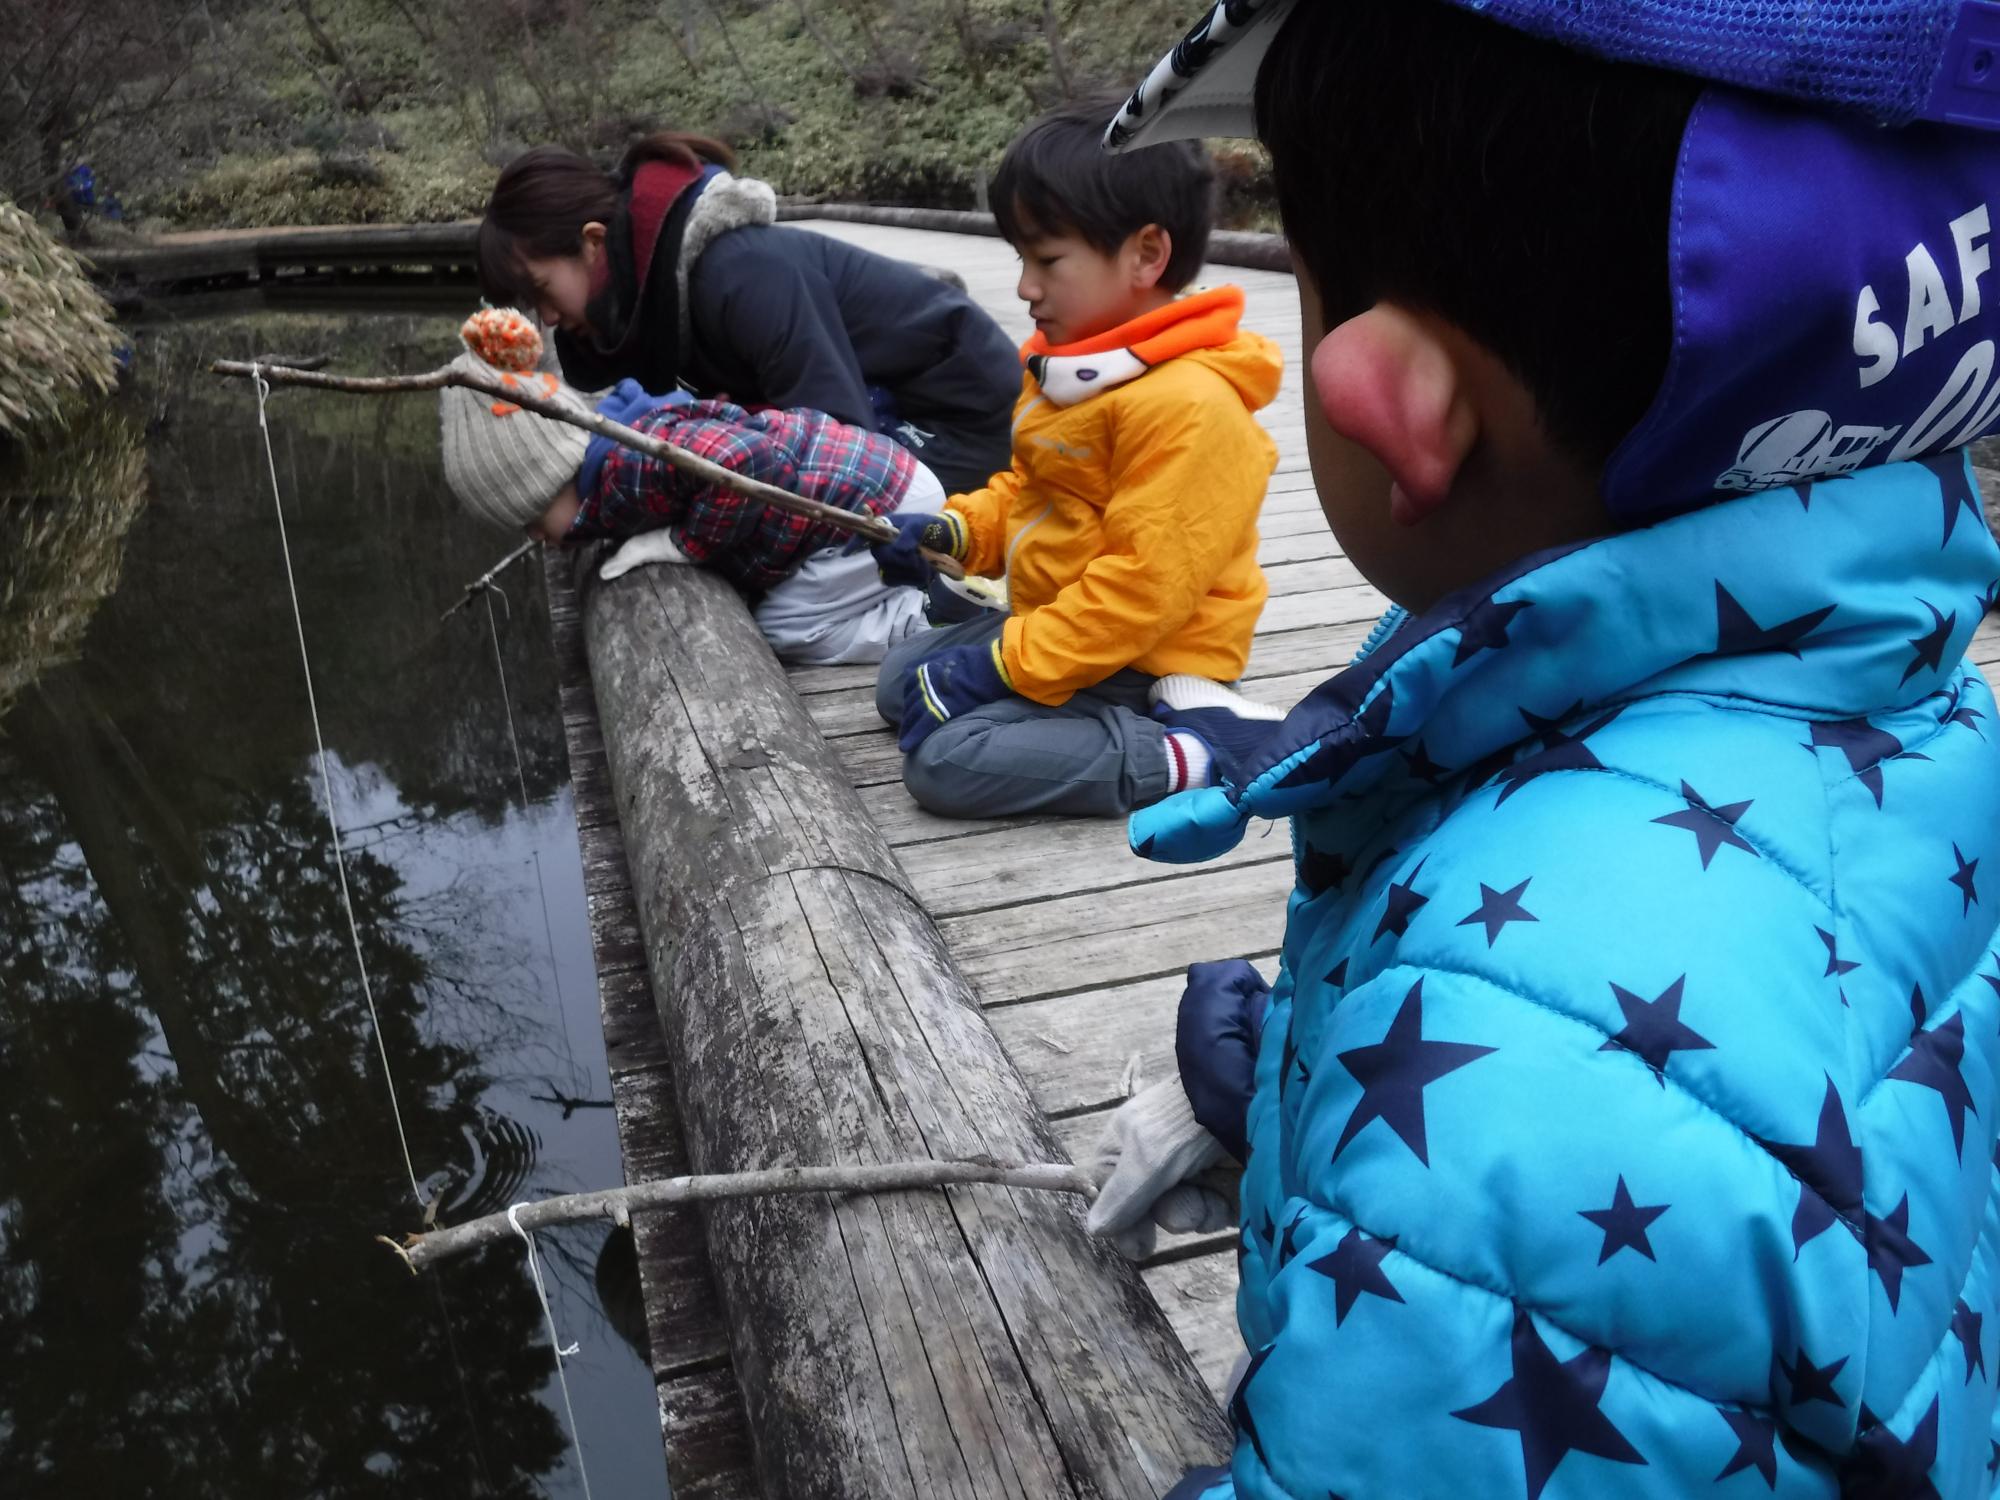 2月9日土曜キンダー 冬にザリガニは釣れるのか!?